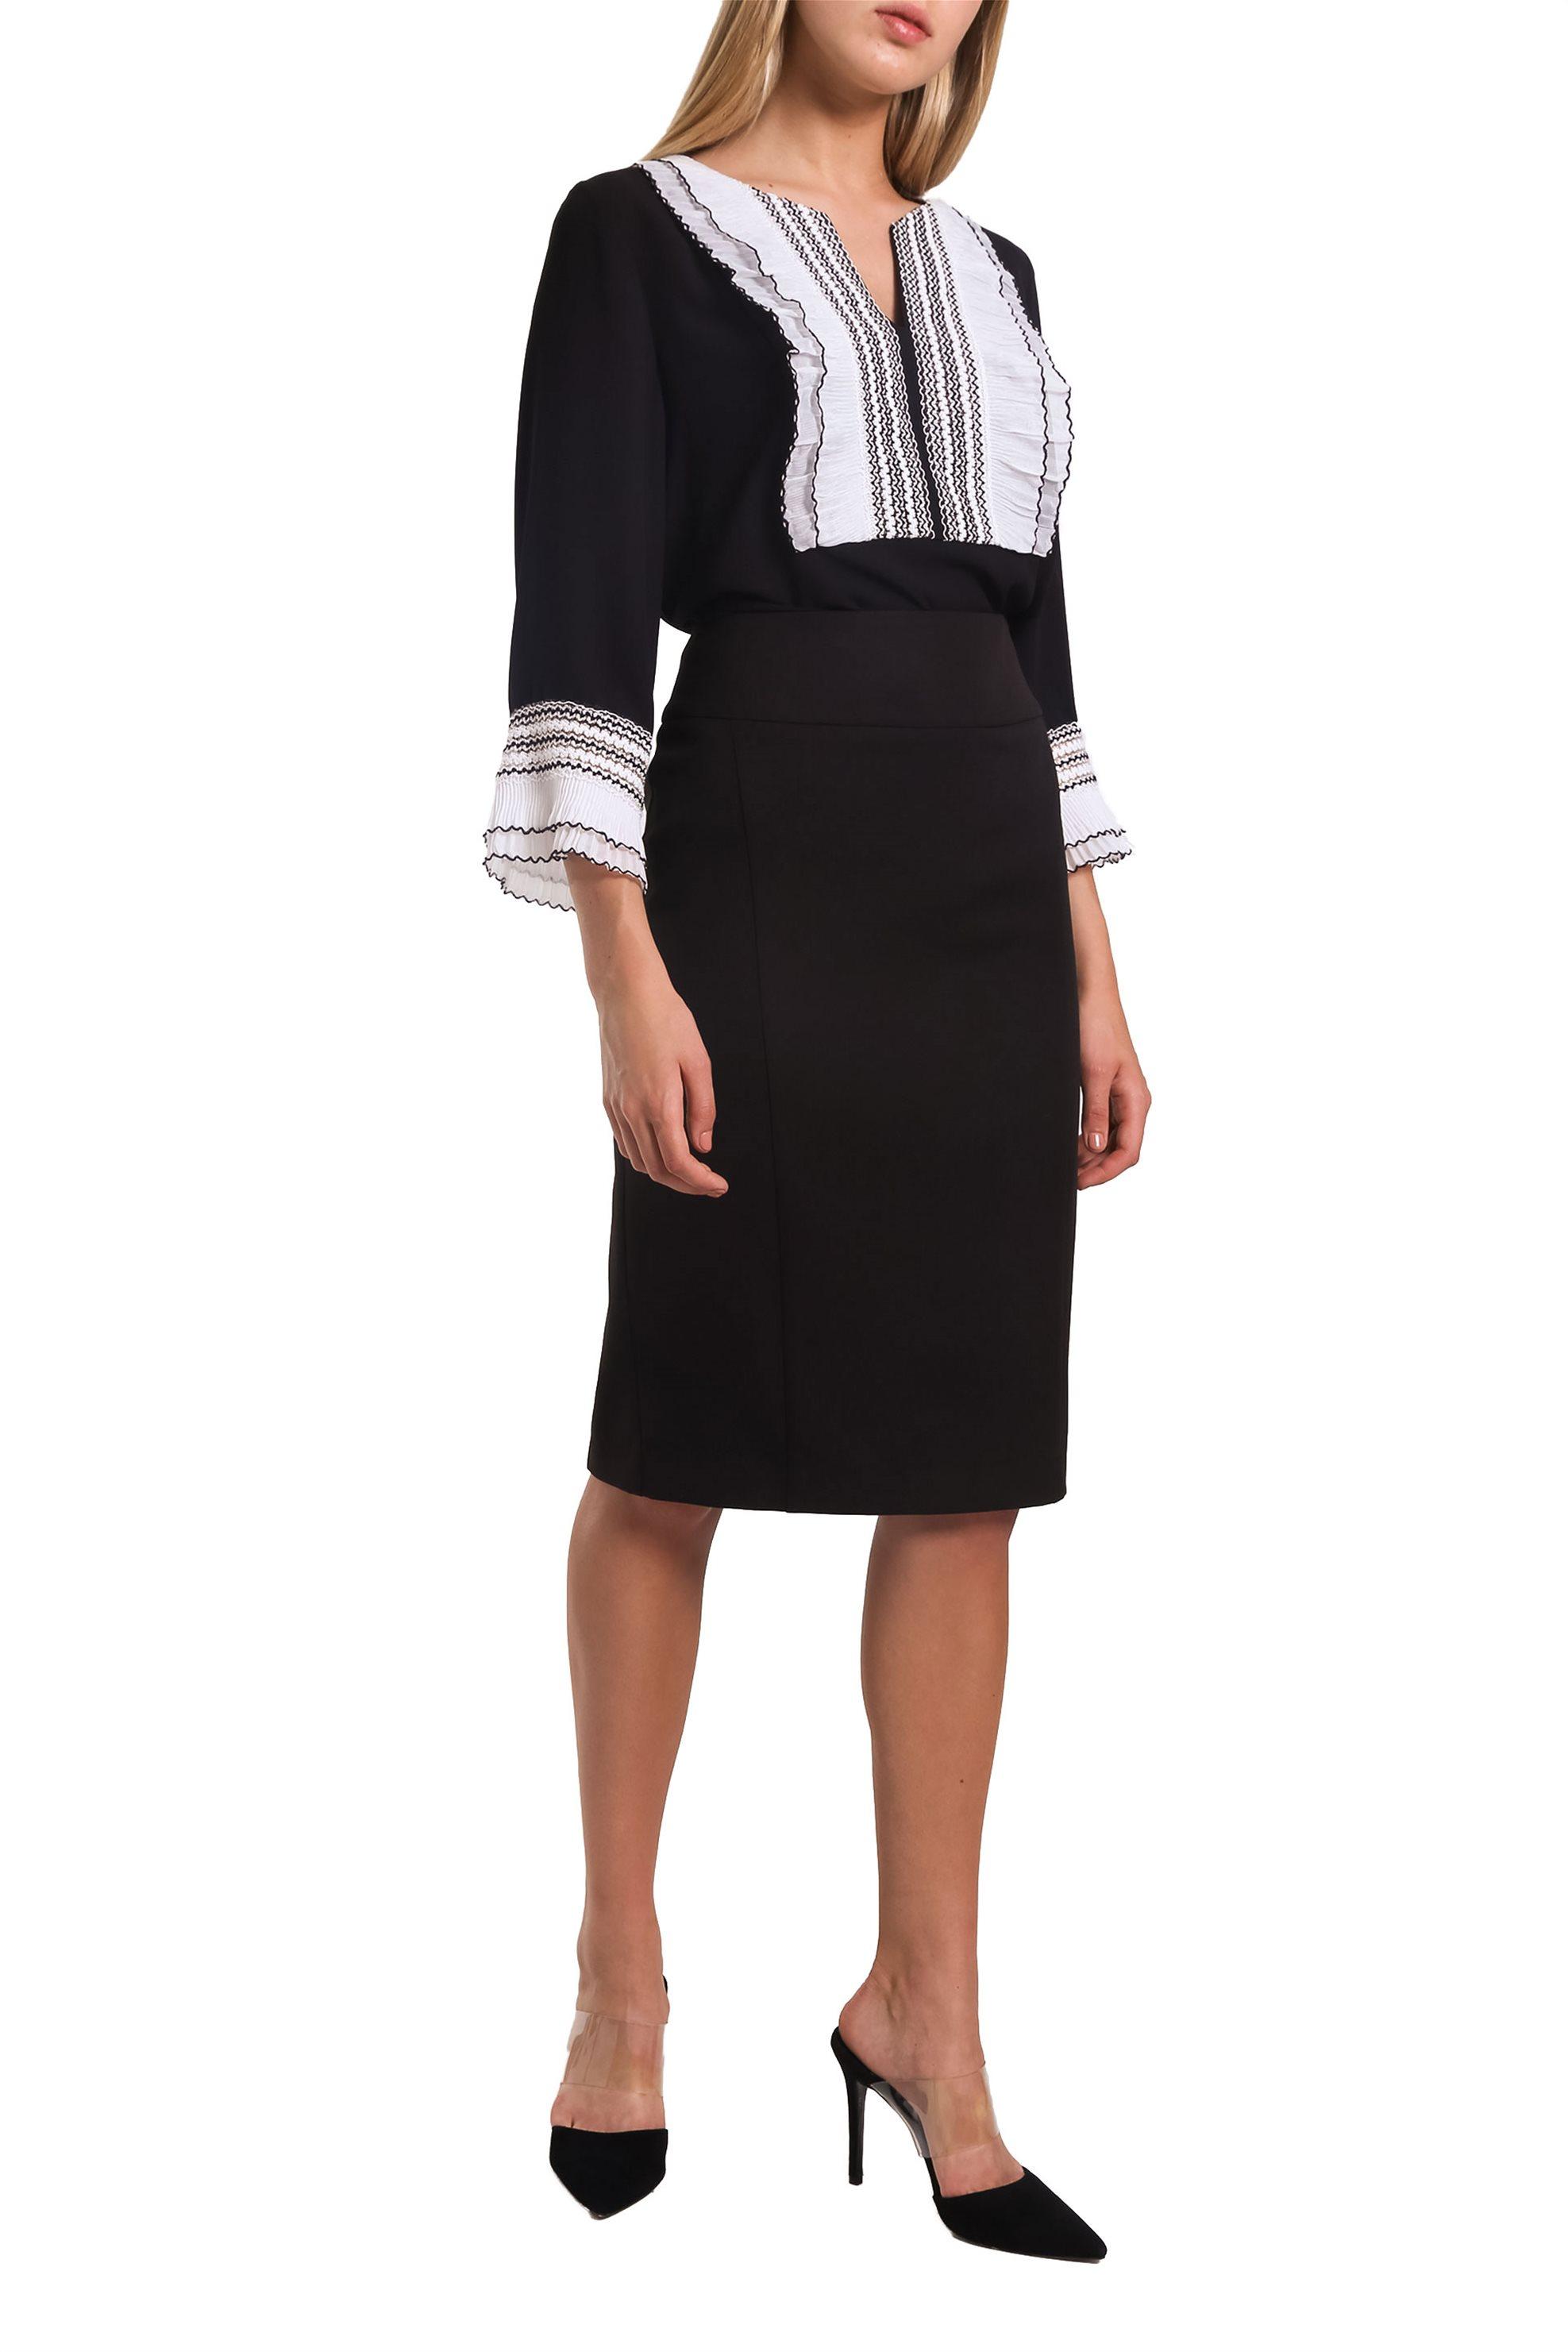 Γυναικεία   Ρούχα   Φούστες   Καθημερινές   Esprit γυναικεία κλος ... bbd5cabf468